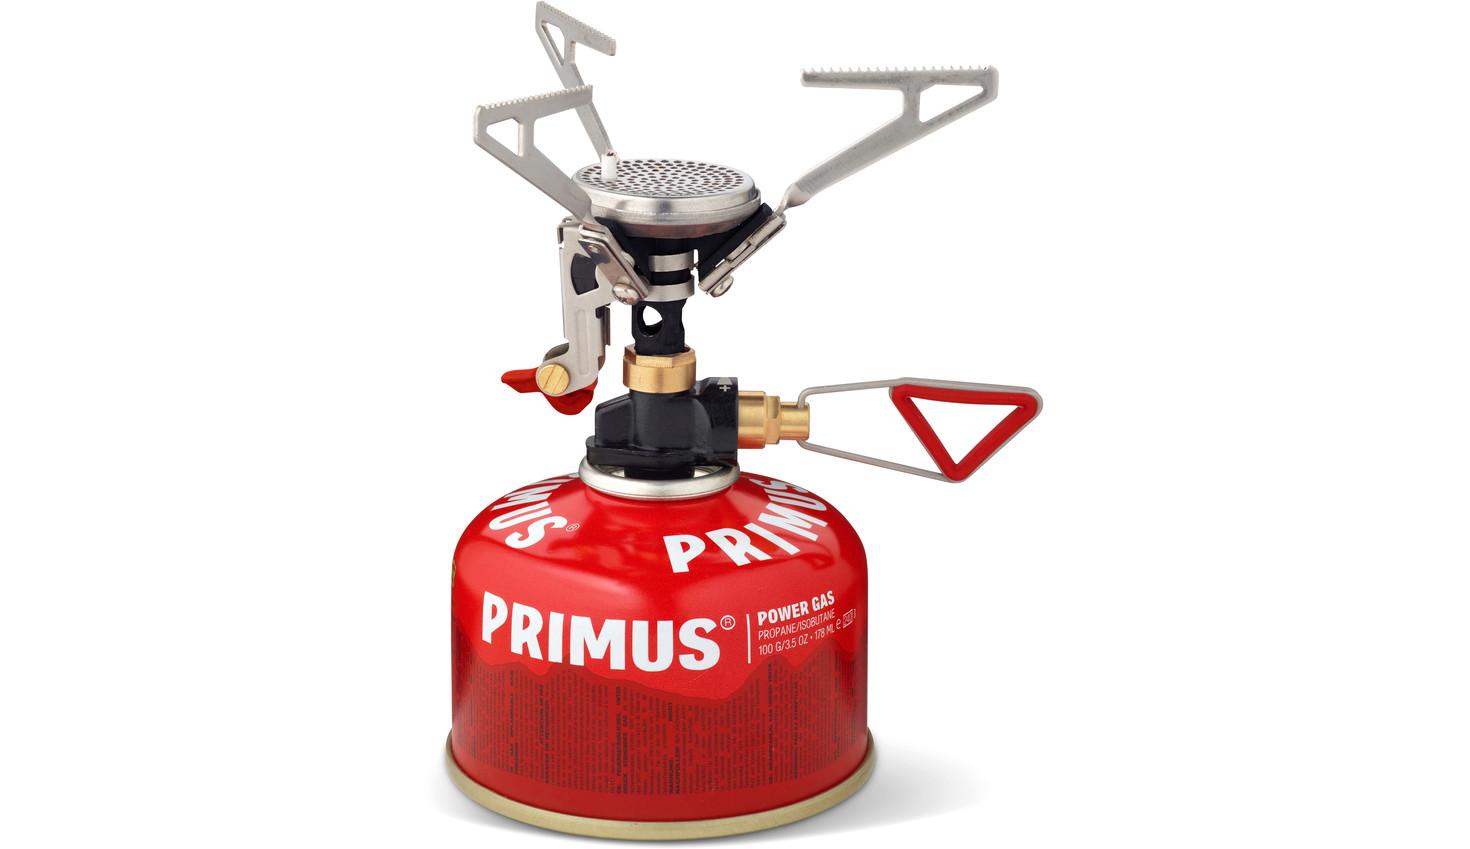 Горелка газовая Primus MicronTrail Stove Duo (б/р:ONE SIZE), Горелки - арт. 979400205